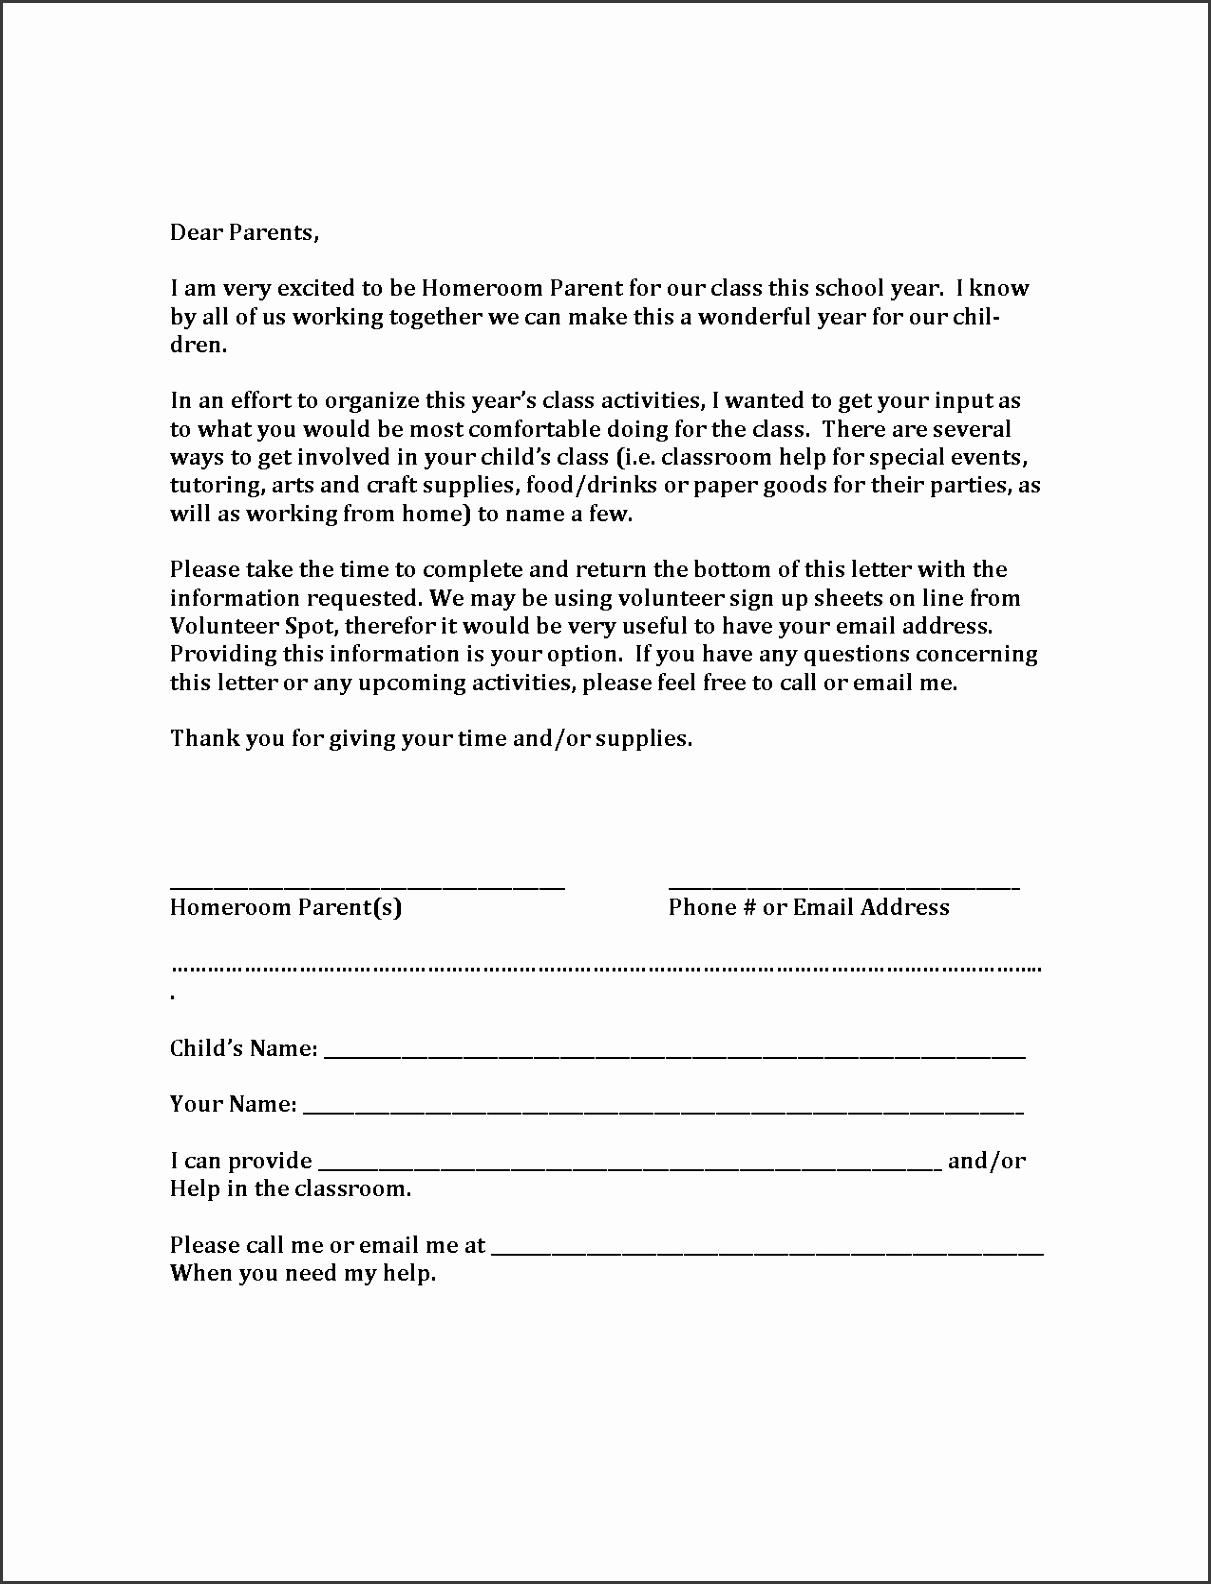 HRP Volunteer Sample Letter To Parents5